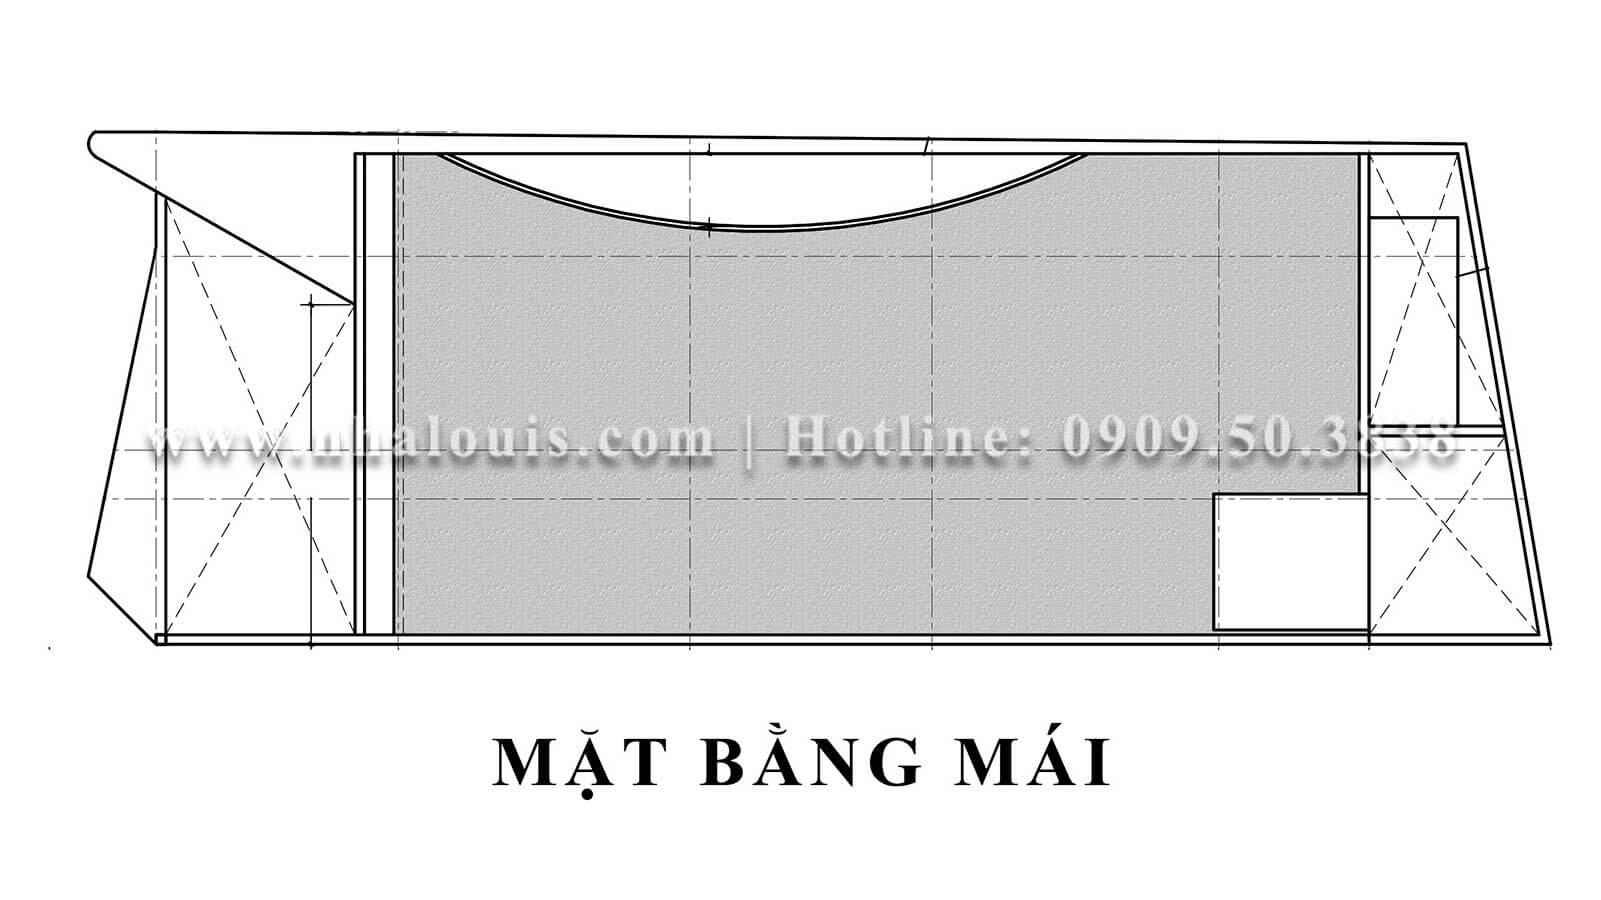 Mặt bằng tầng mái Mẫu thiết kế phòng gym chuẩn hiện đại tại Quận 9 - 20